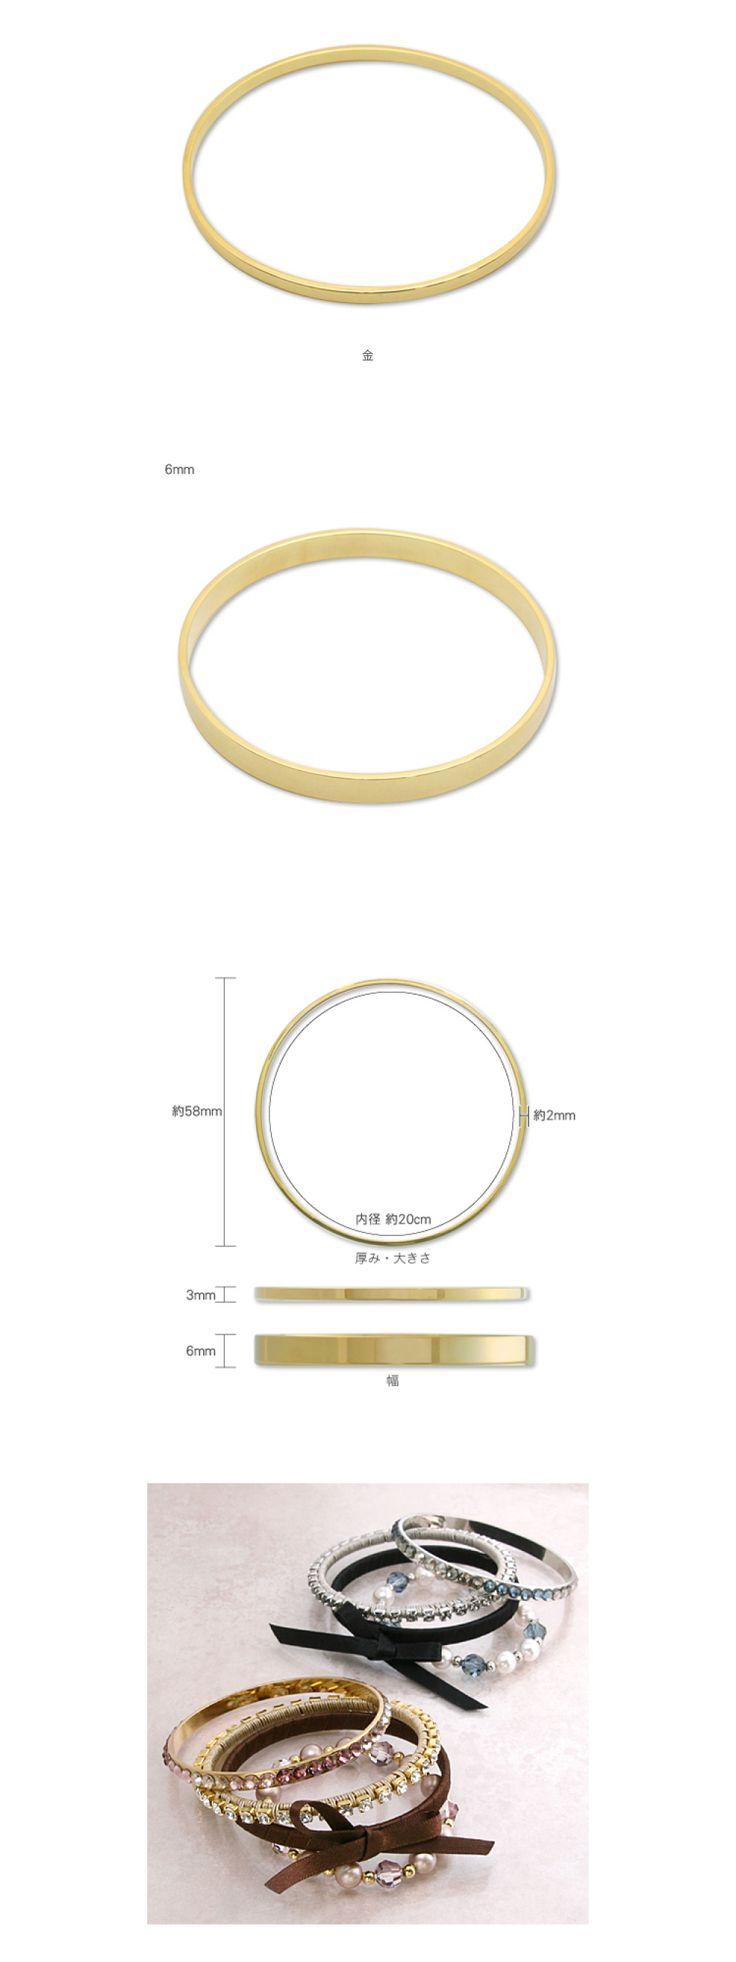 terra日本进口 合金手镯 手环创意饰品3mm/1个 diy首饰材料配件-淘宝网